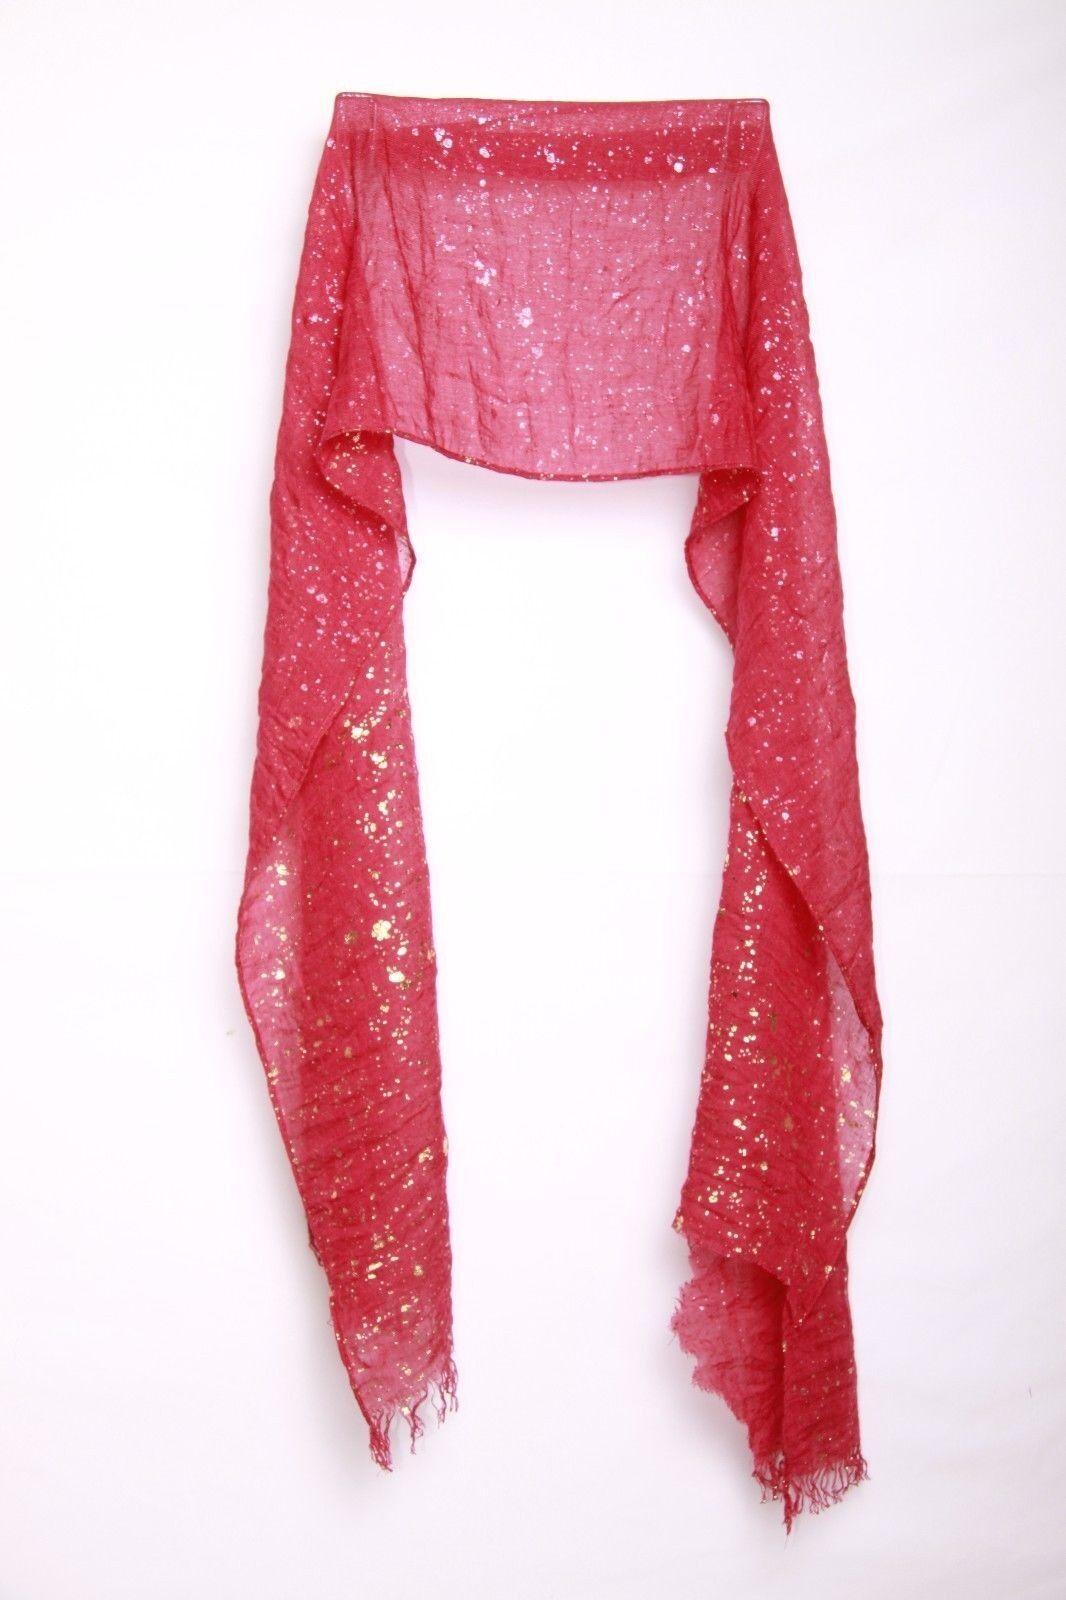 Écharpe à éclaboussures de peinture dorée au design robuste froissé rouge pour femme, vin (S5)